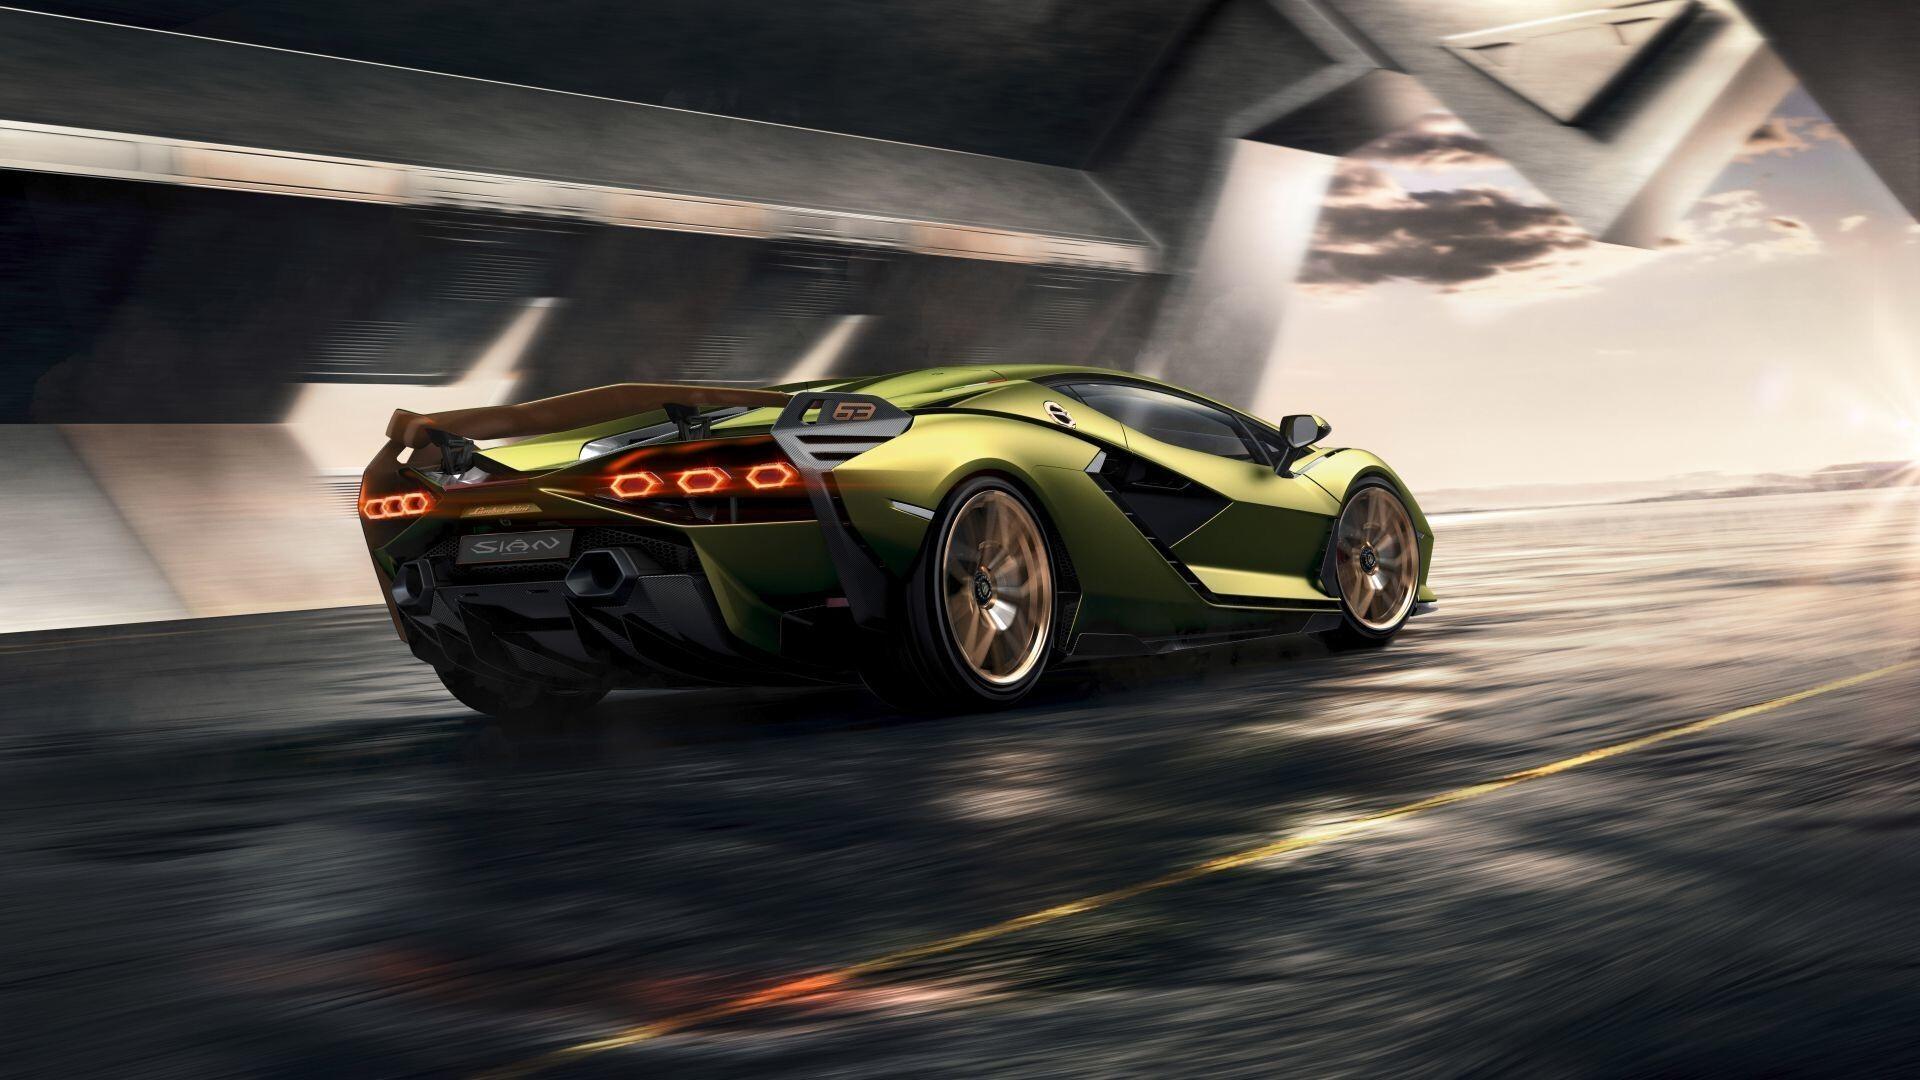 Lamborghini Sian 2019 Car HD Wallpaper